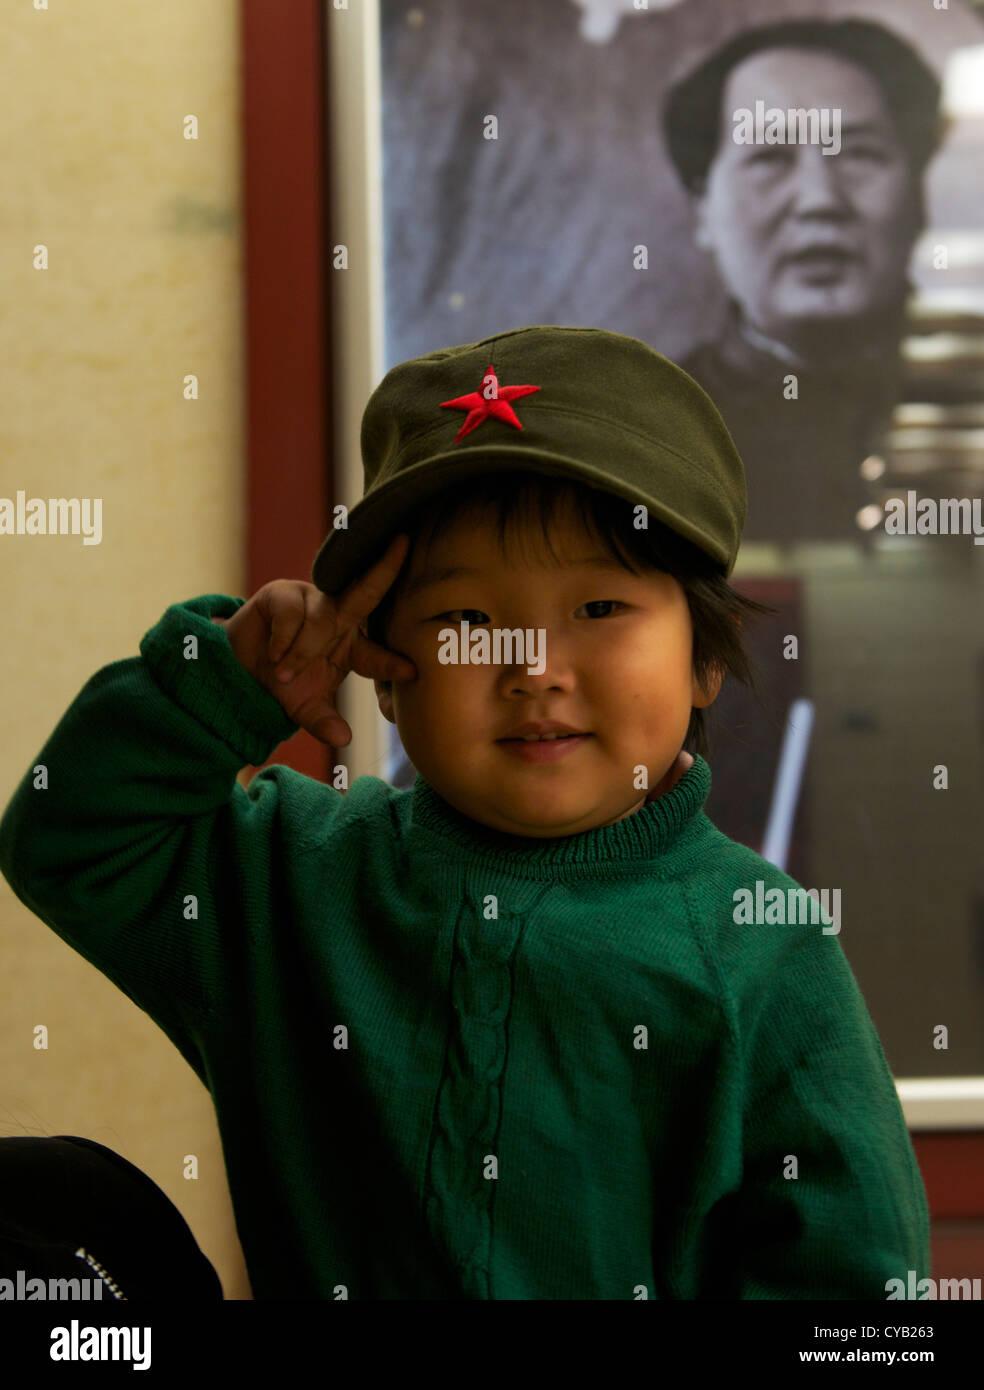 Chinesische Mädchen posiert vor Bild von Mao Zedong während des Besuchs Xibaipo, eines roten Tourismus Stockbild